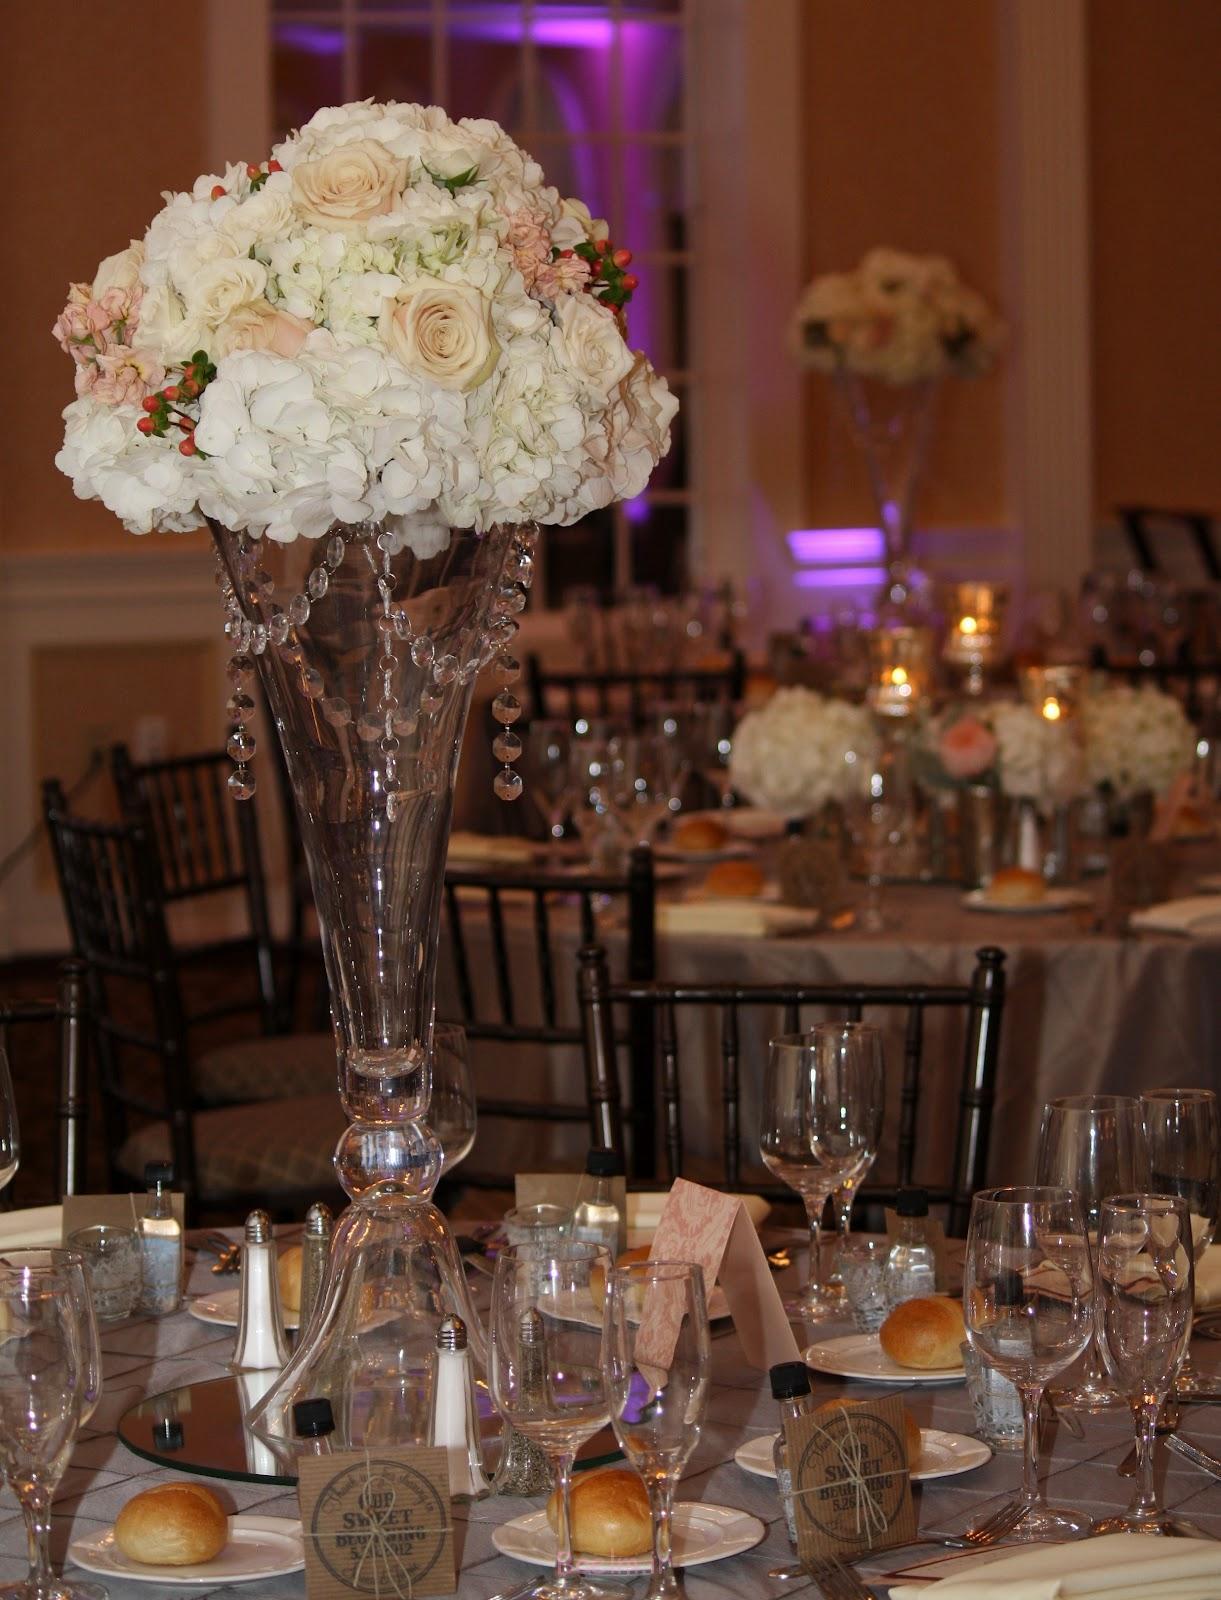 2014 گلدان شیشه ای منحصر به فرد محور عروسی (7)